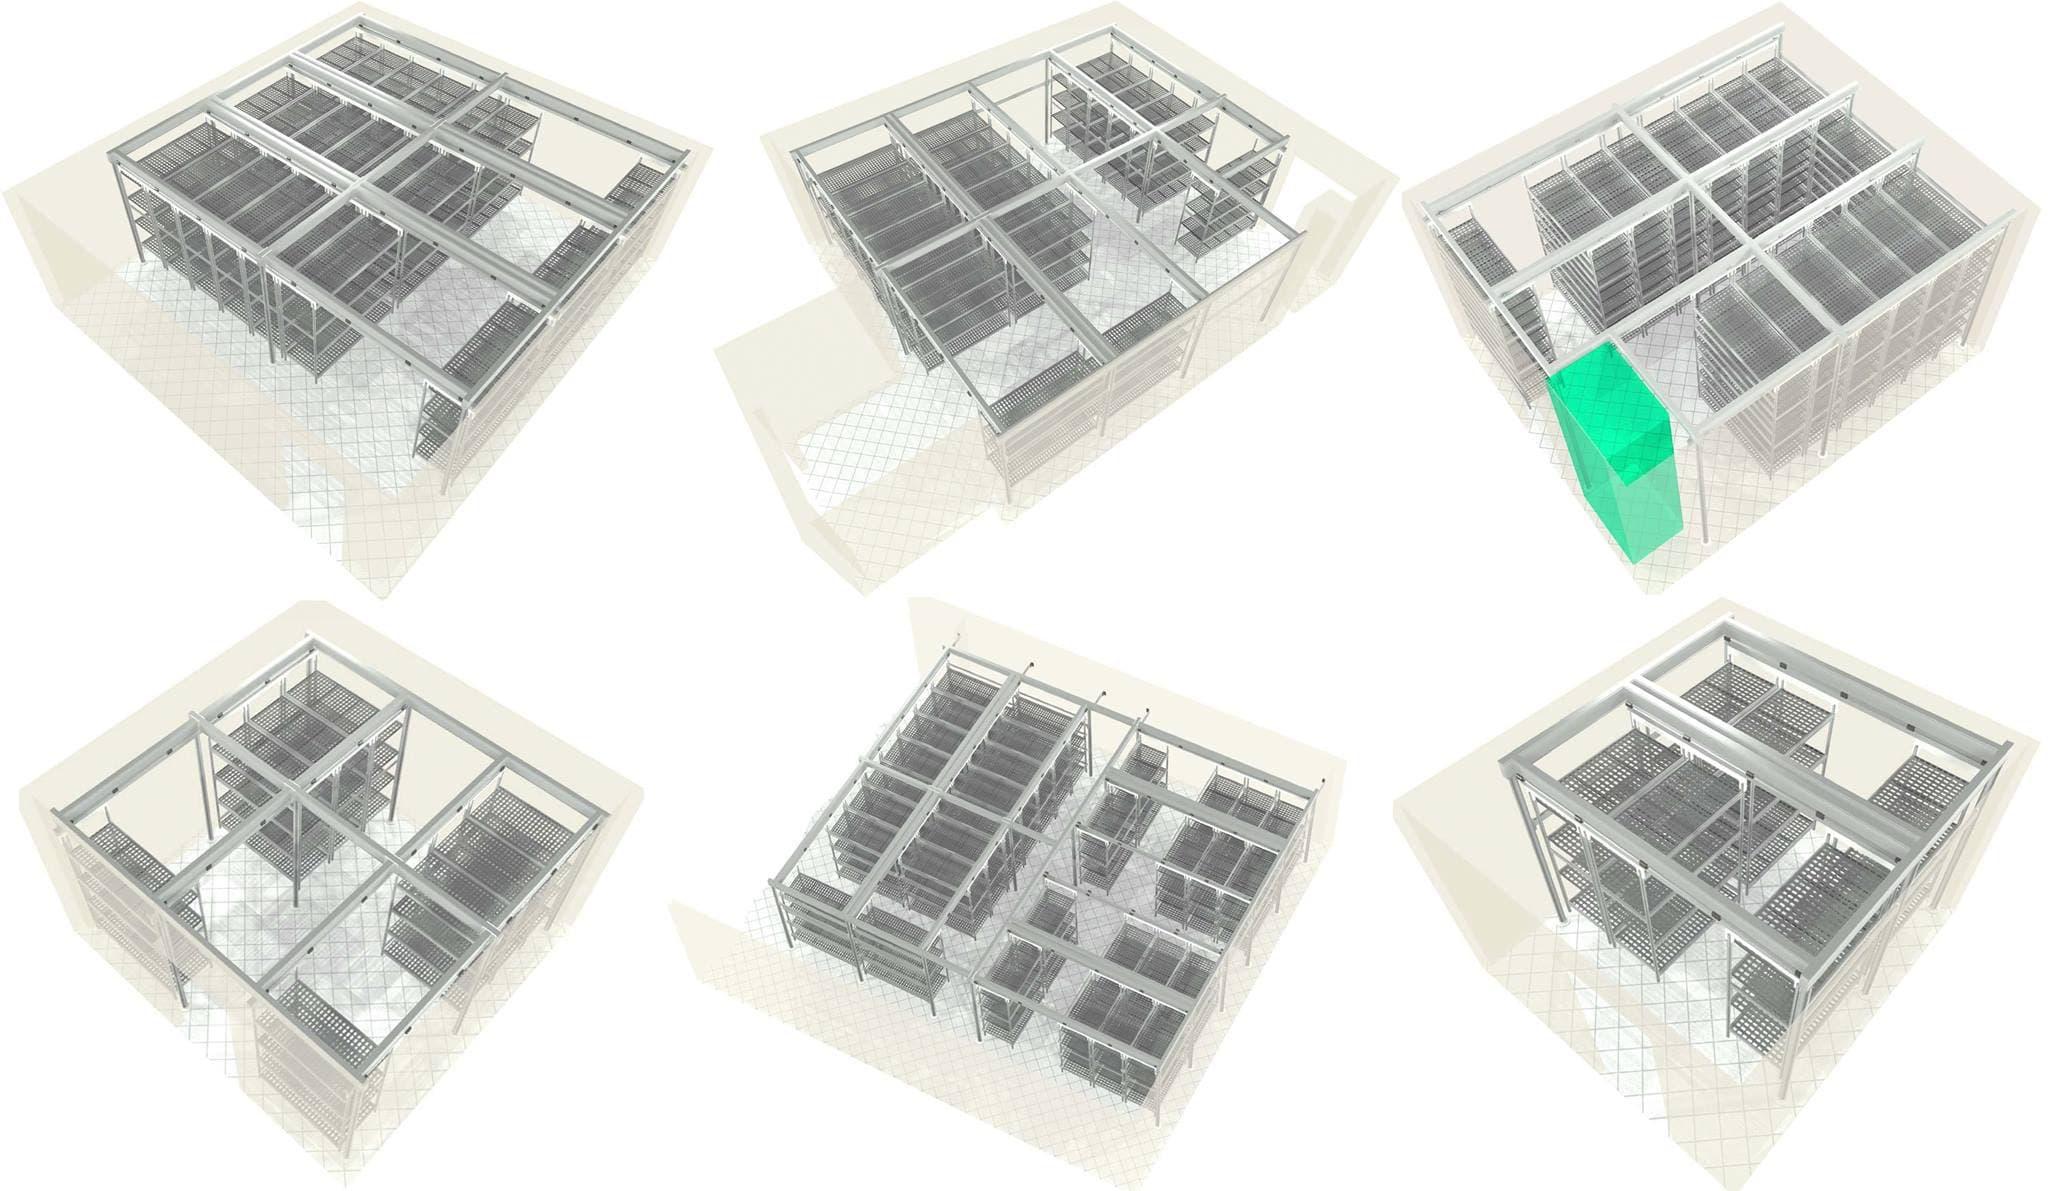 Передвижные стеллажи для аптек и складов